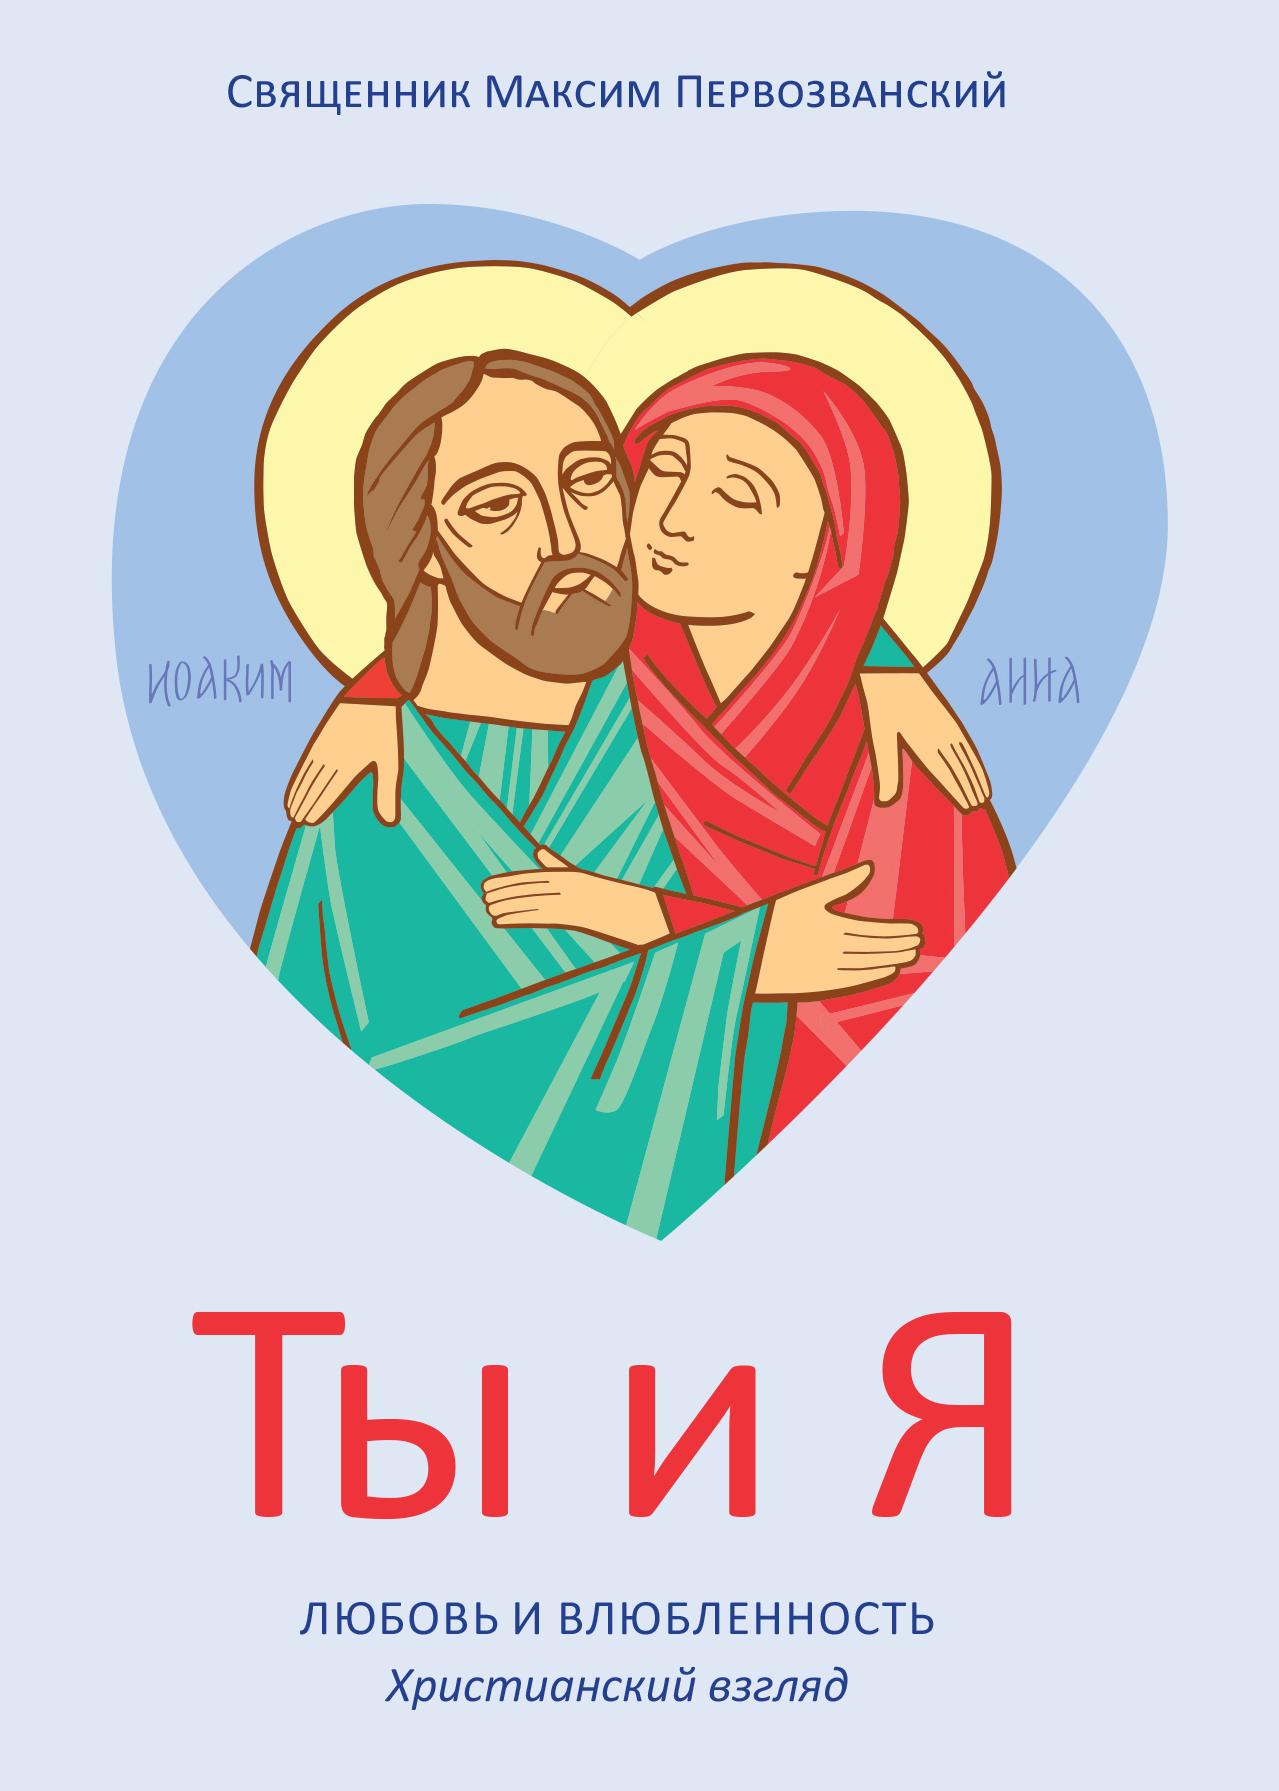 Протоиерей Максим Первозванский Ты и я. Любовь и влюбленность. Христианский взгляд священник максим первозванский мужской разговор место мужчины в мире христианский взгляд